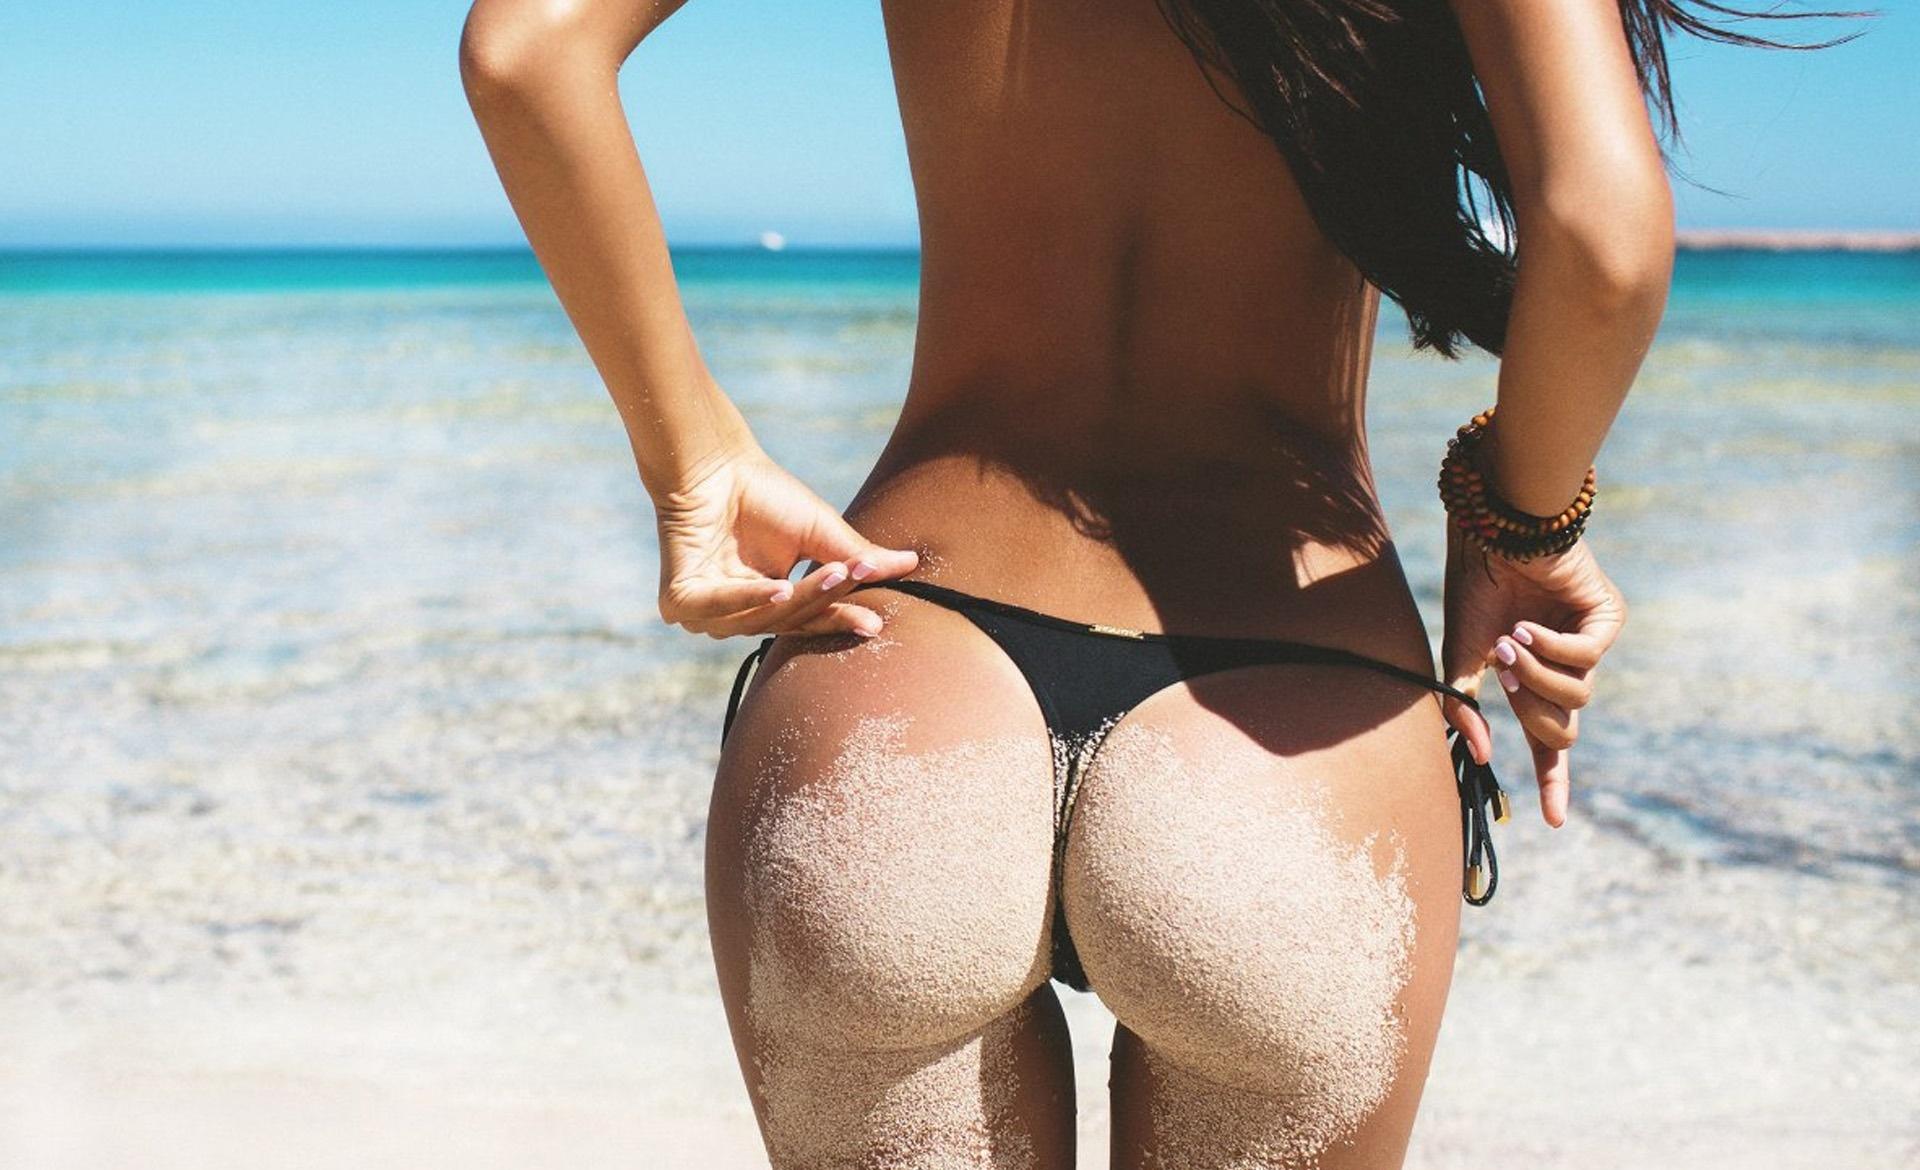 Фото загорелых девушек в стрингах, Красотки в стрингах у моря отличная подборка фото 8 фотография